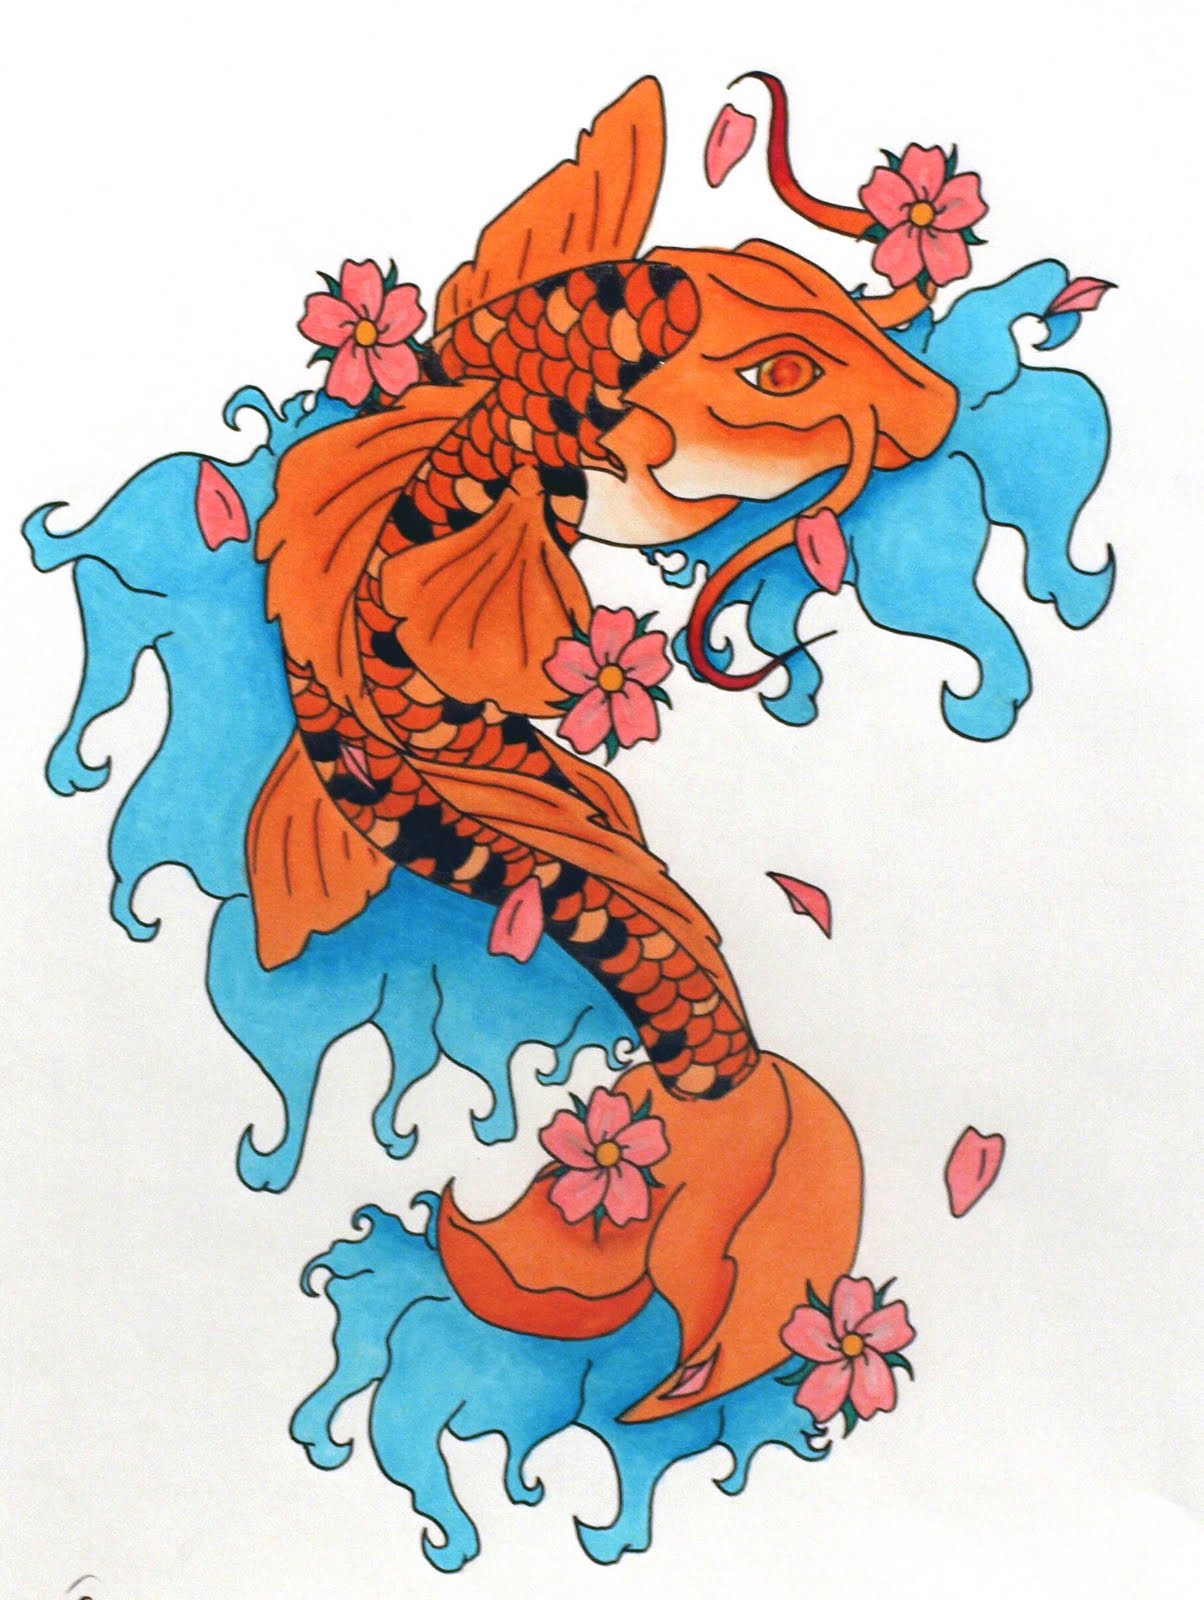 Tatouage chinois motifs et symbolique du tatouage chinois - Tatouage Carpe Koi Signification